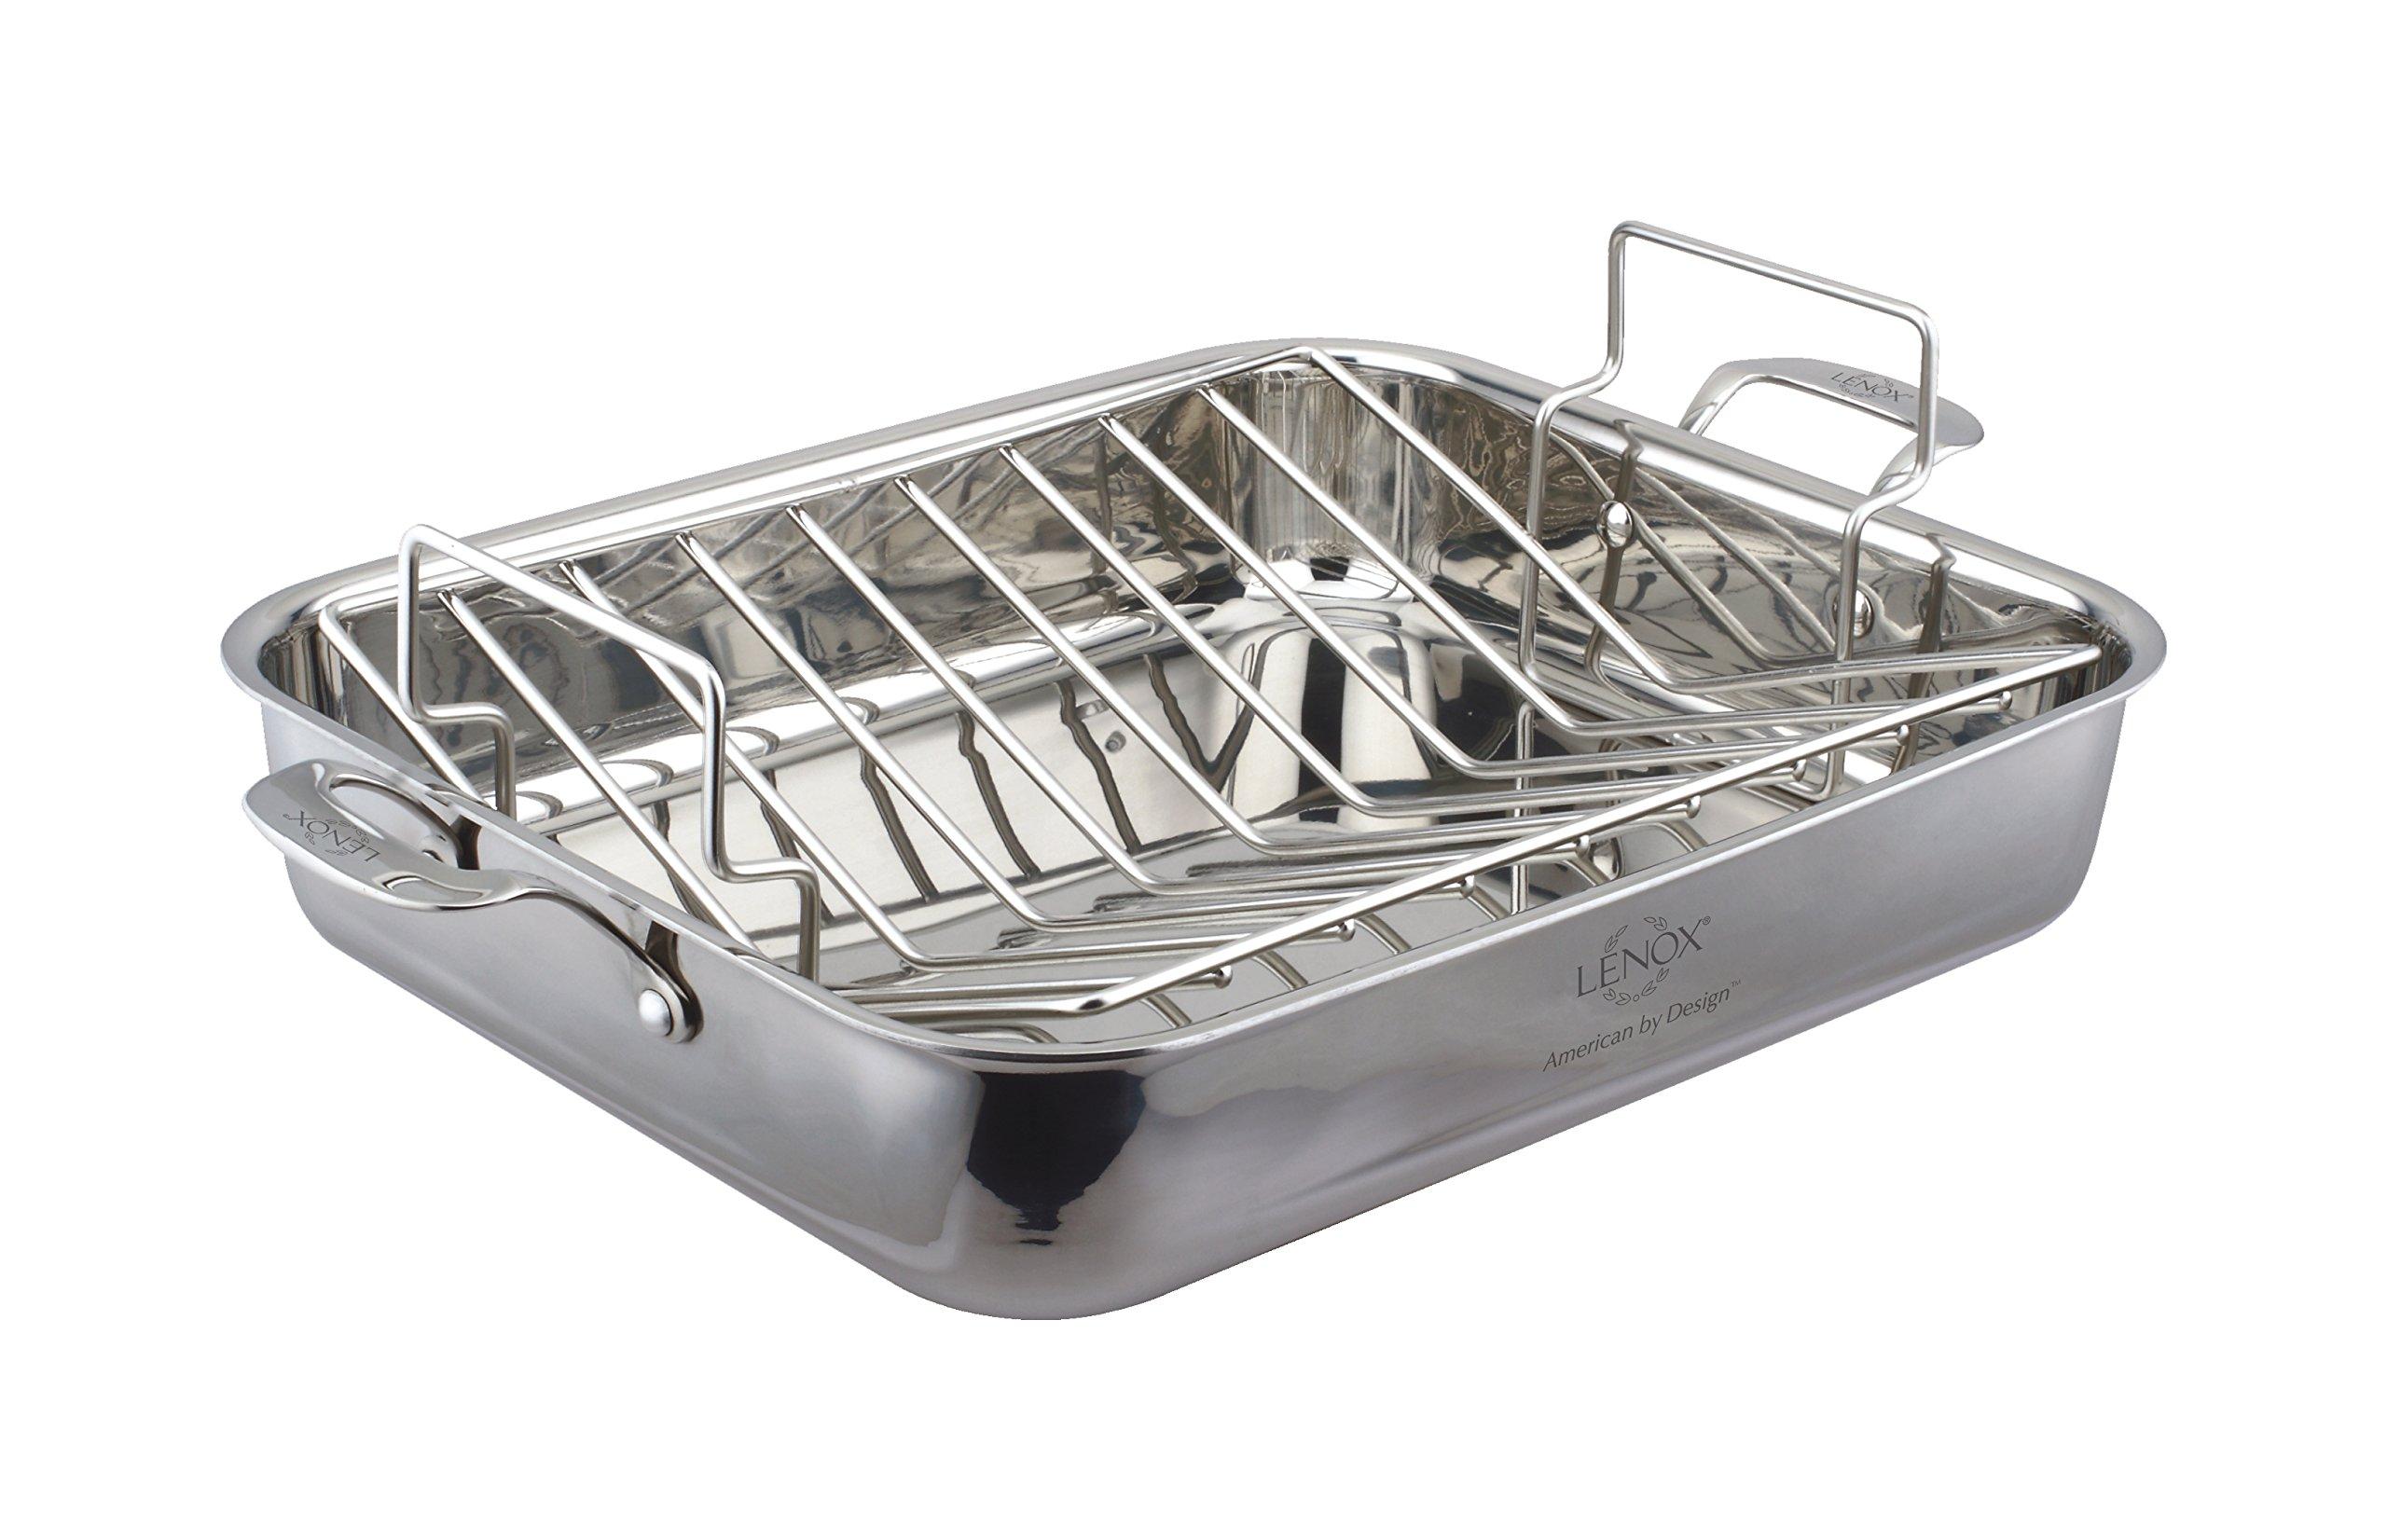 Lenox 16'' Tri-Ply Roaster & Rack, 5'', Stainless Steel